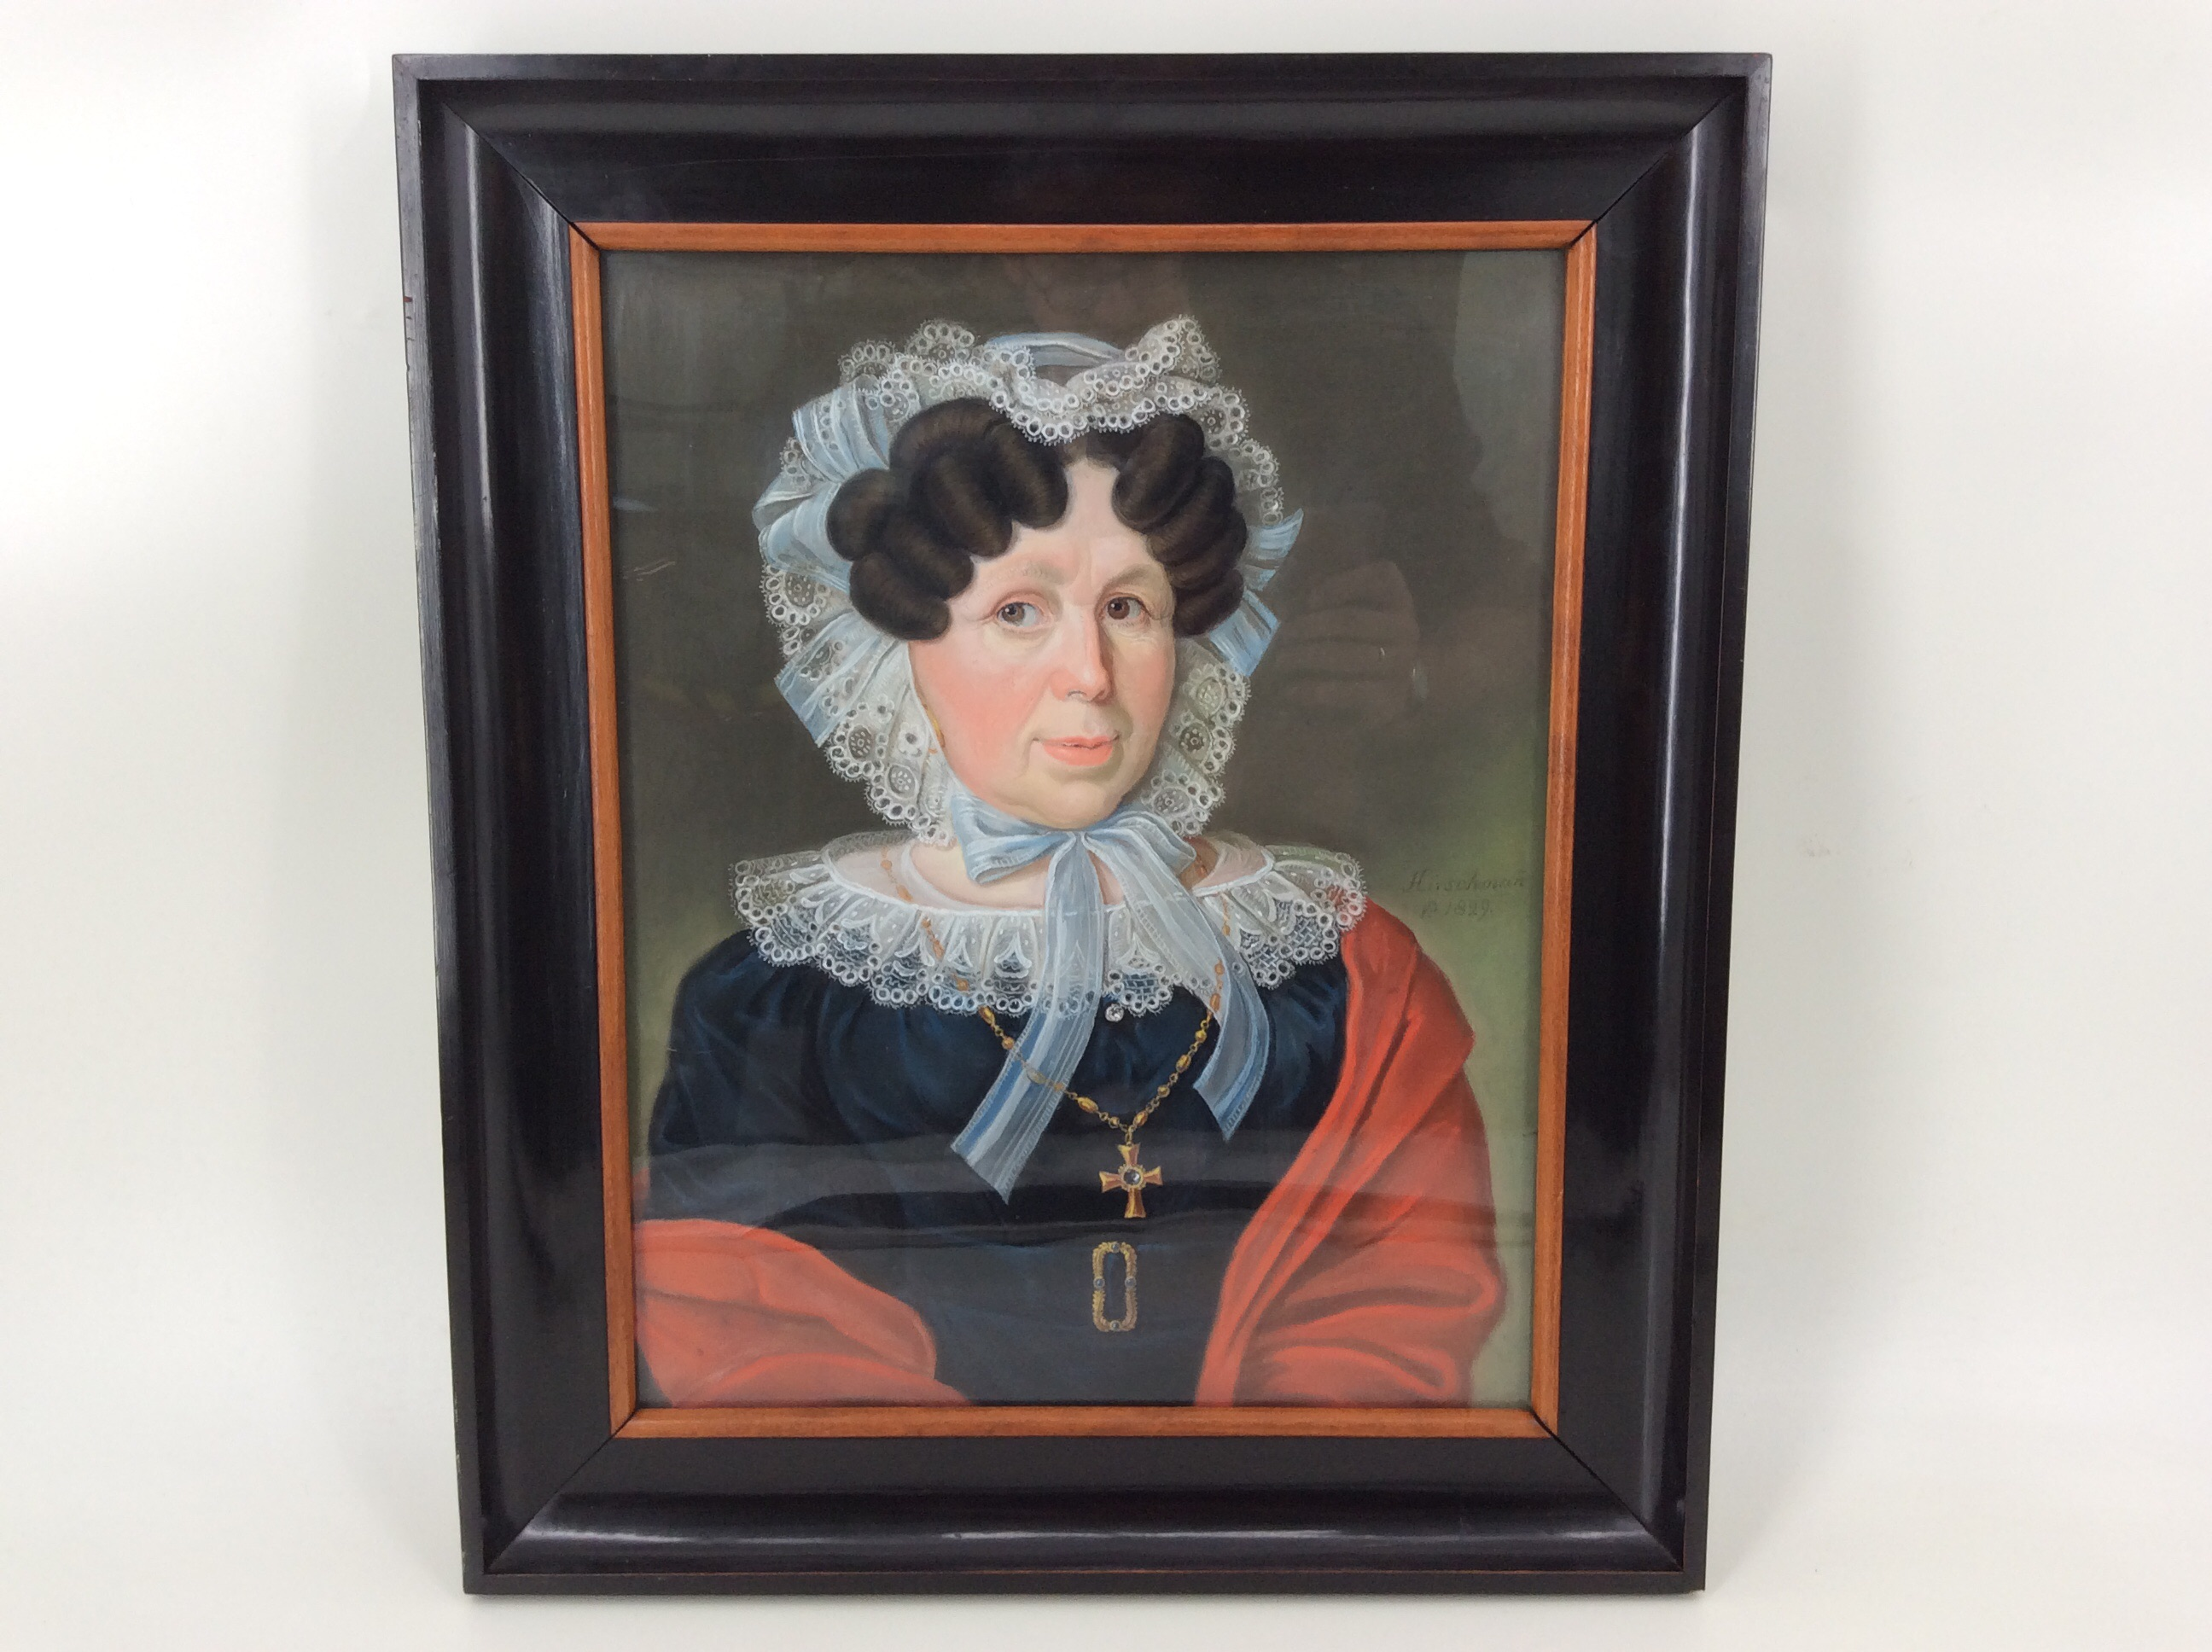 ölbilder ankauf versteigerung auction paintings